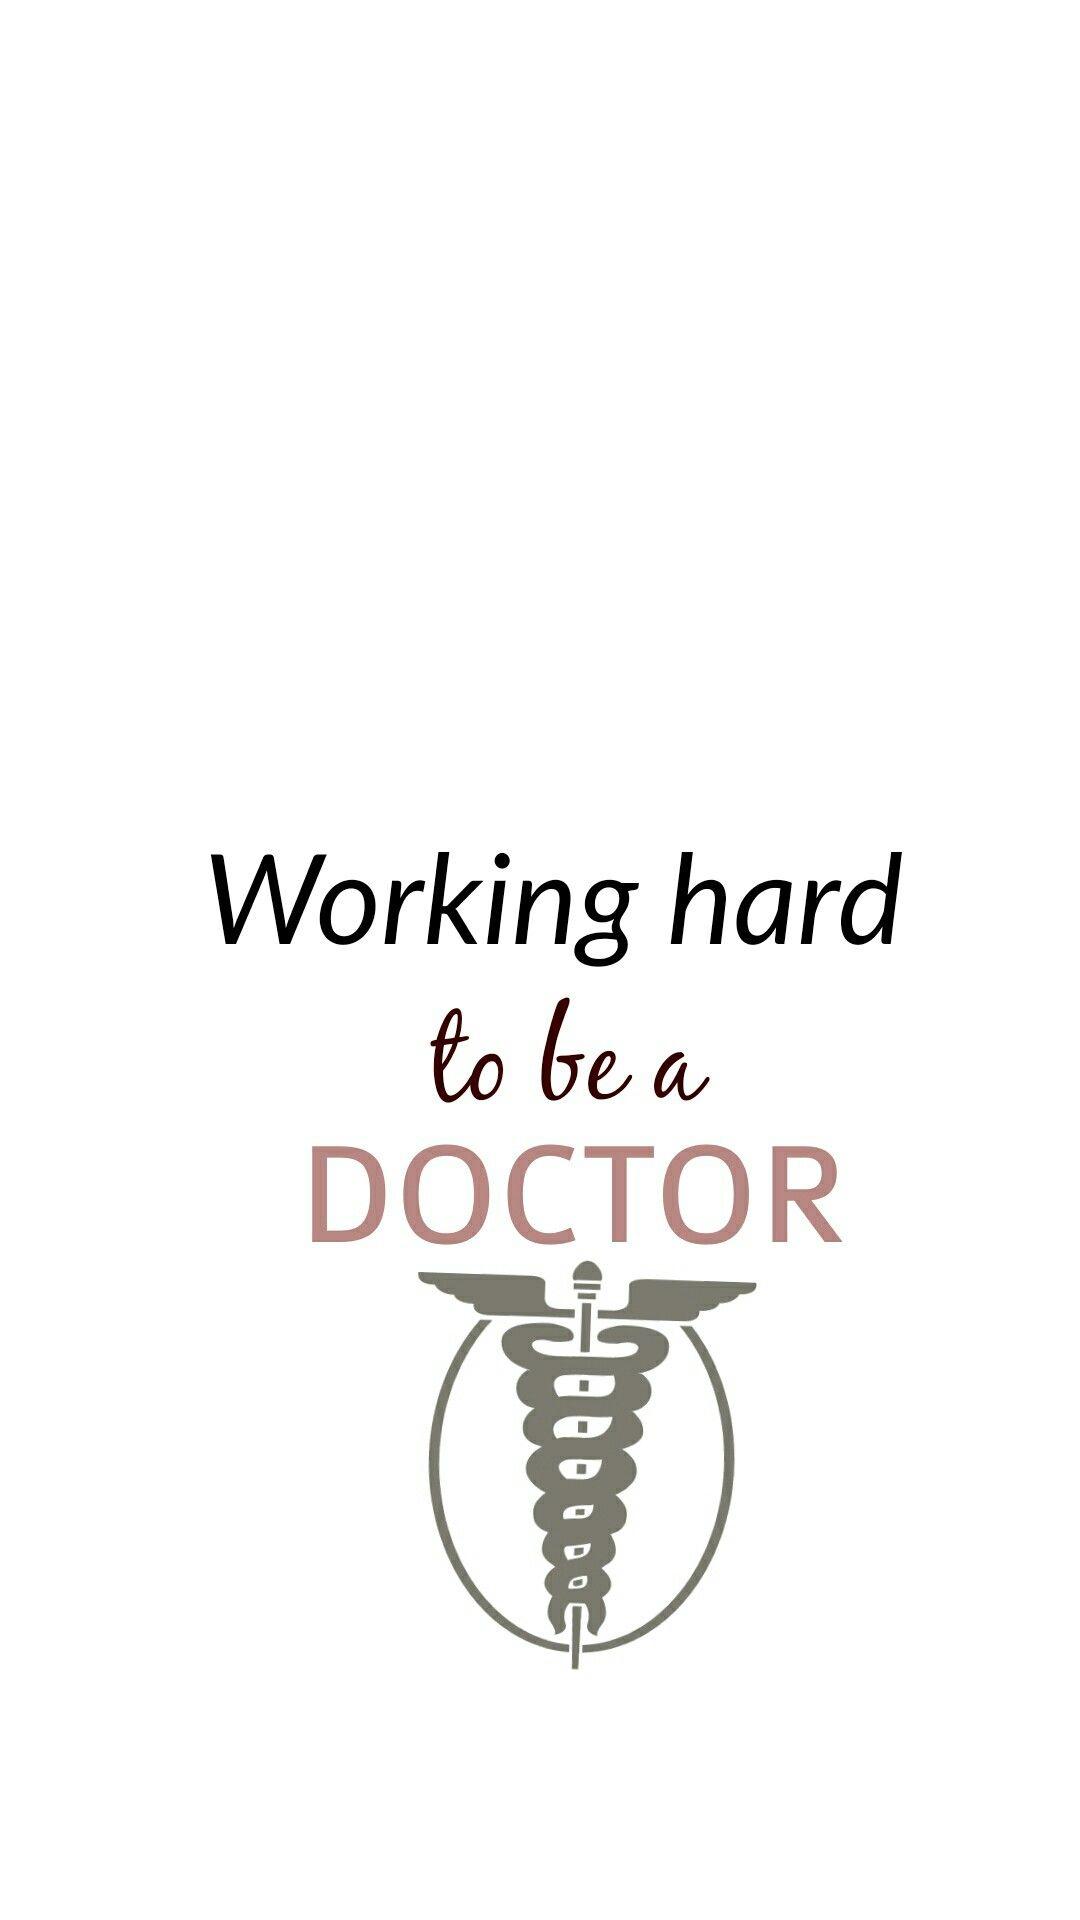 Wallpaper For Laptop Doctor